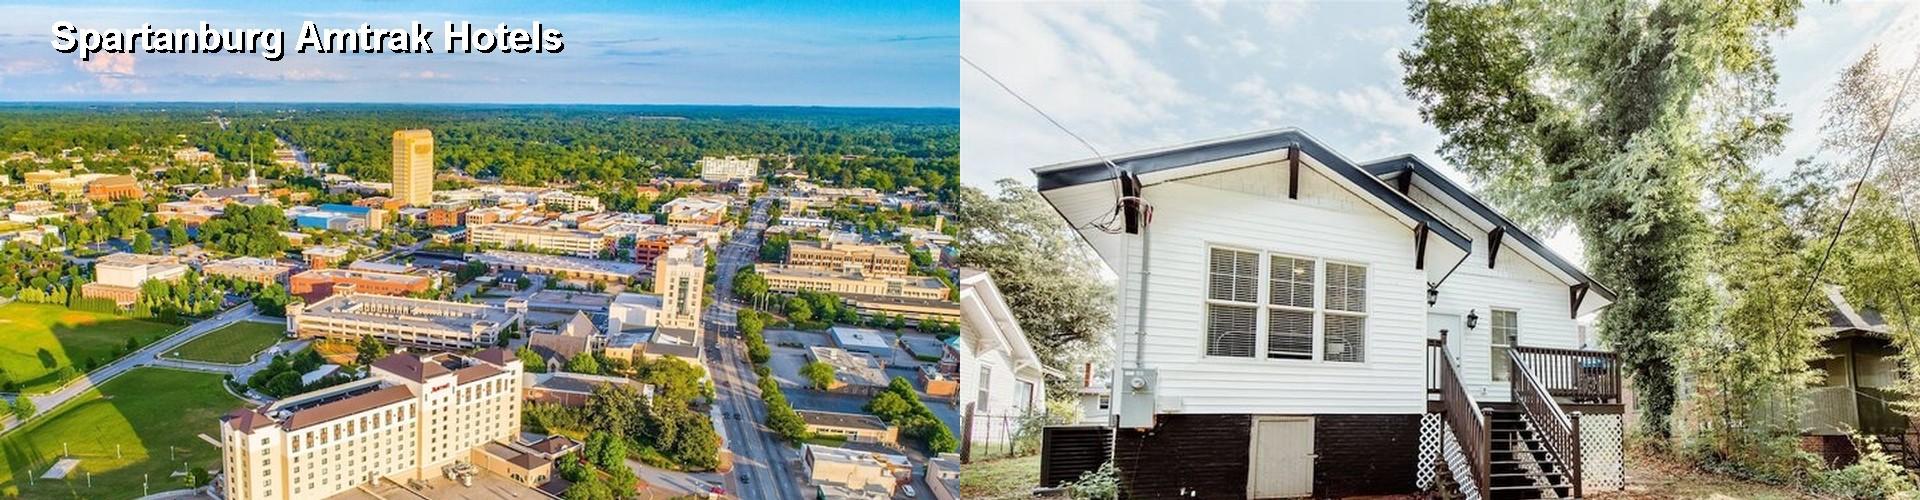 5 Best Hotels Near Spartanburg Amtrak